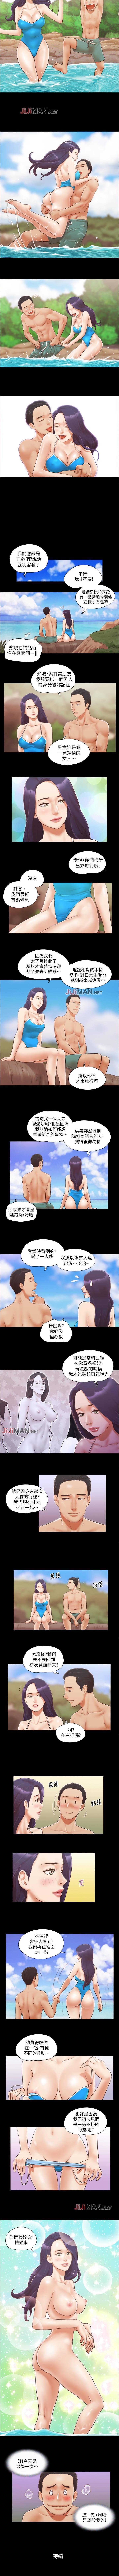 【周五连载】协议换爱(作者:遠德) 第1~62话 44